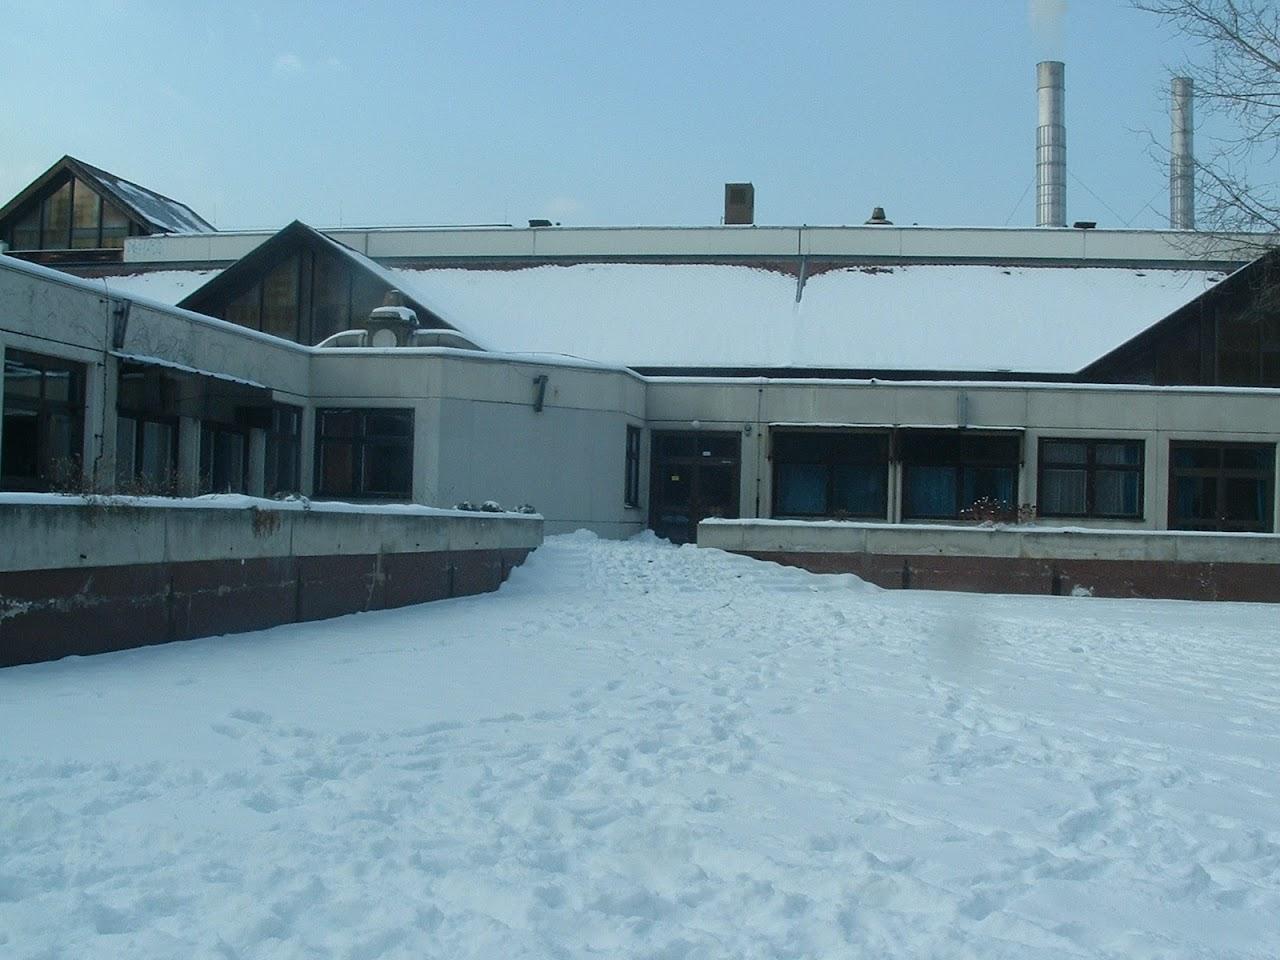 Képek az iskoláról - image026.jpg